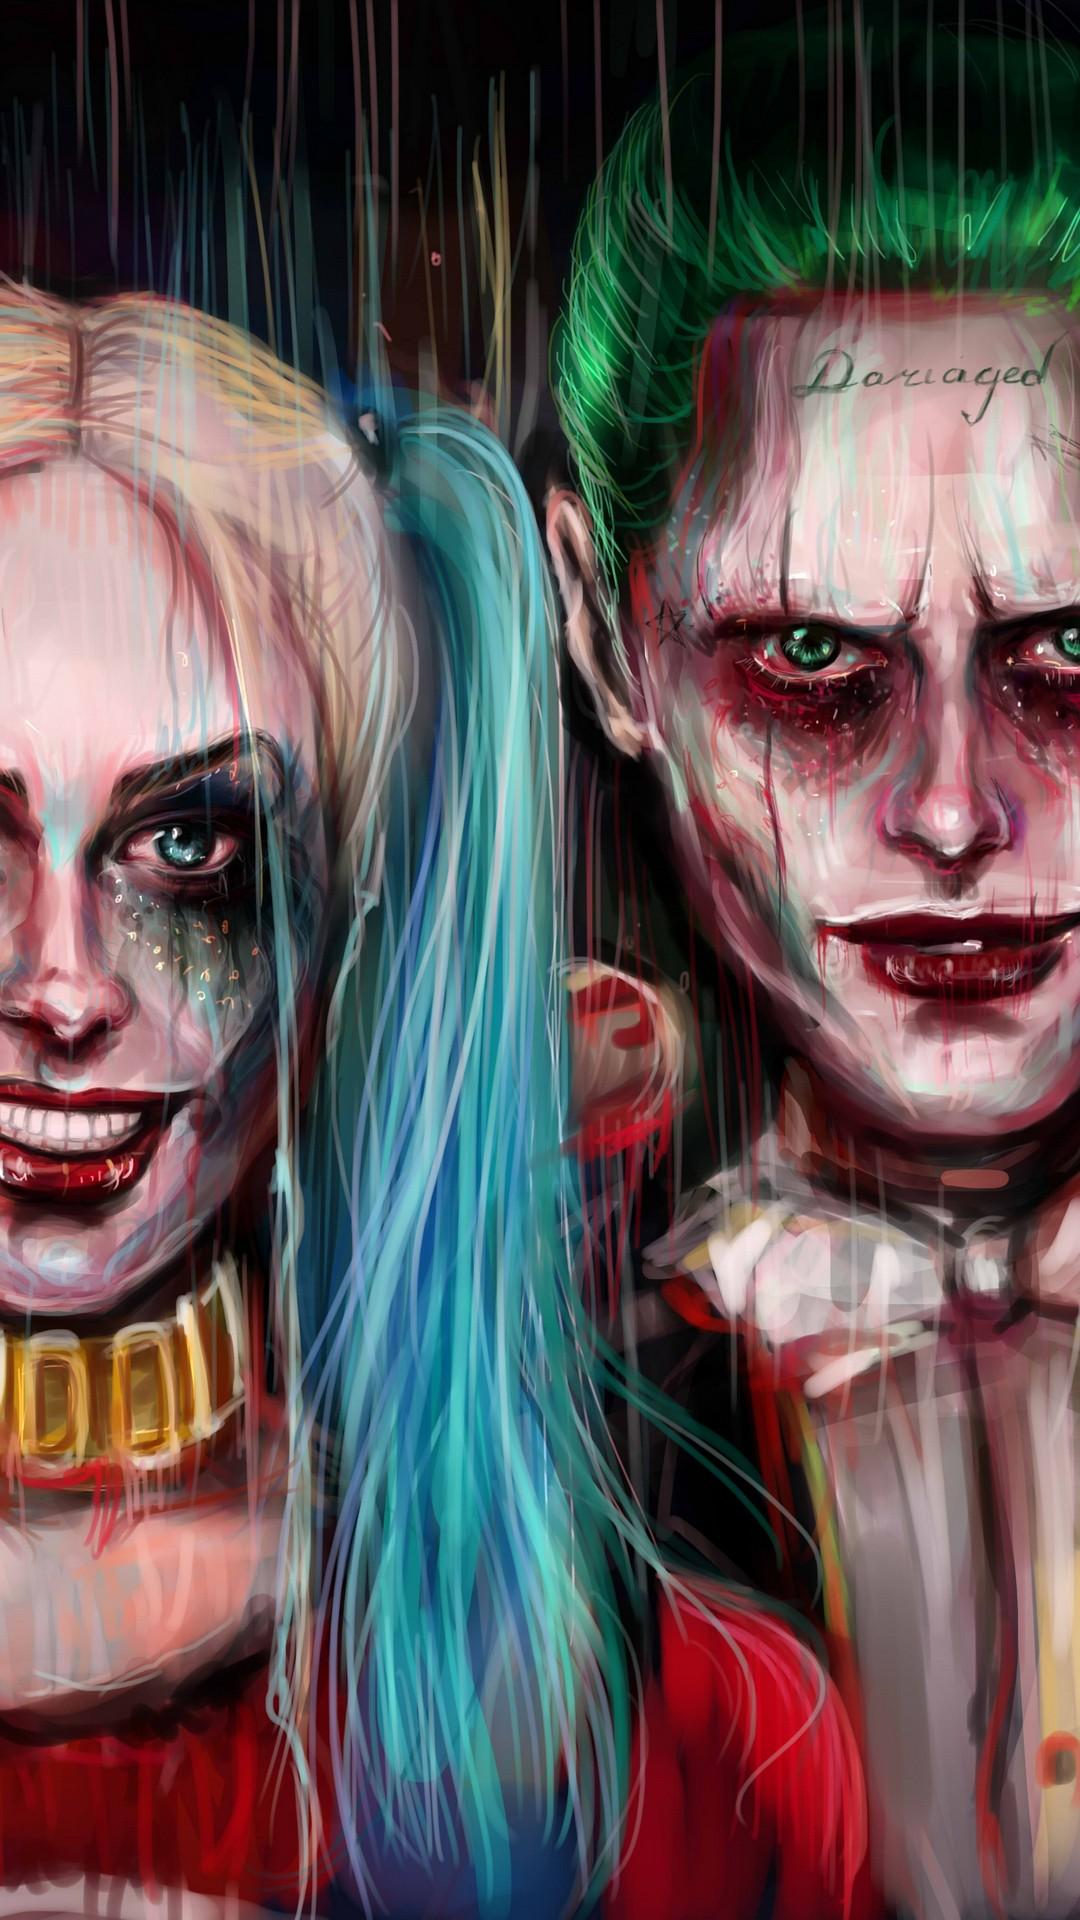 Harley Quinn and Joker iPhone Wallpaper 2019 3D iPhone Wallpaper 1080x1920